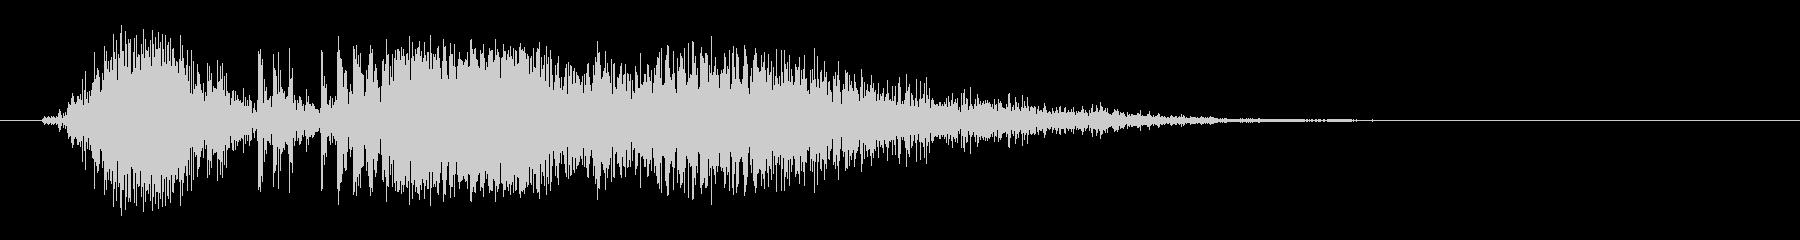 プシュ(小さめのくしゃみ)の未再生の波形